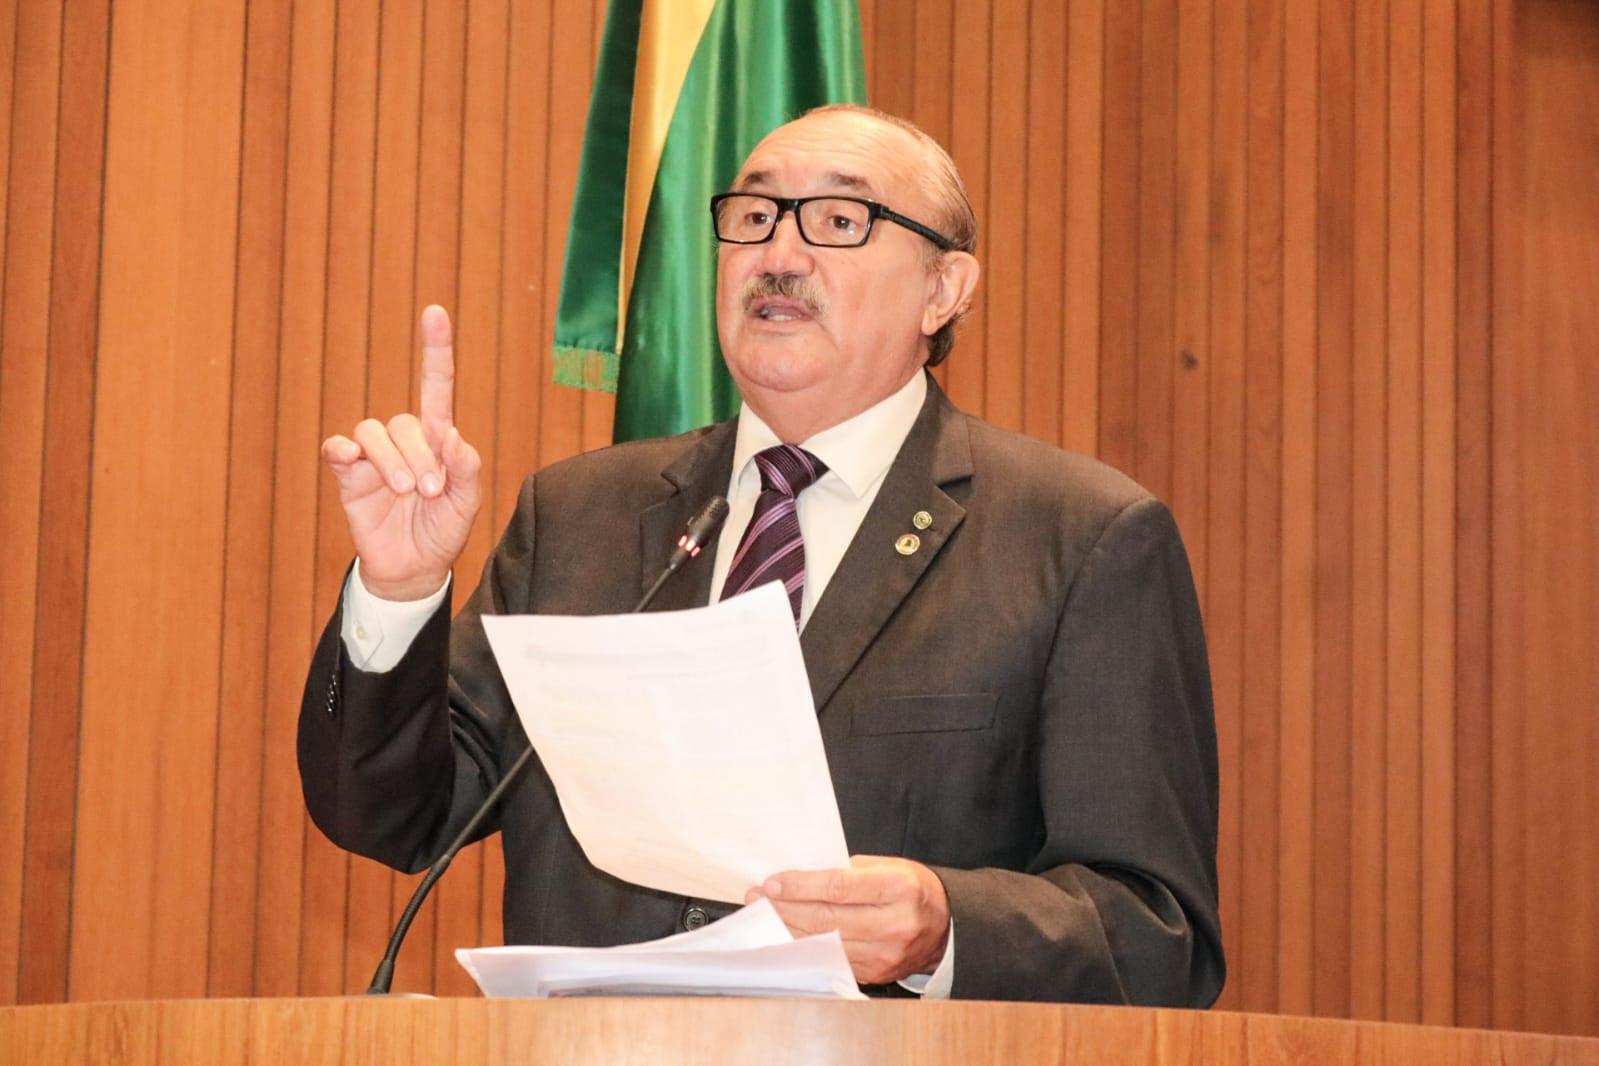 César Pires destaca importância dos professores ao parabenizar profissionais